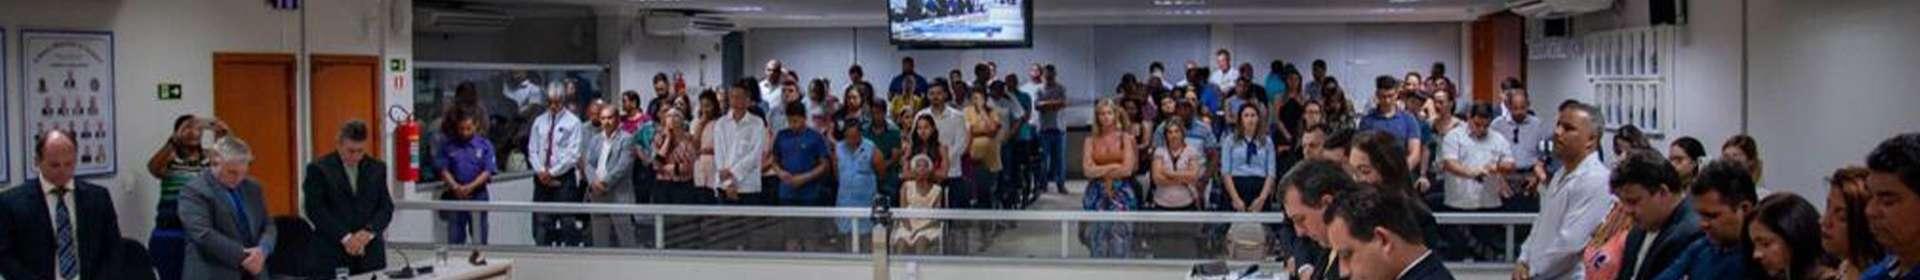 Igreja Cristã Maranata anuncia a volta de Jesus a autoridades do Espírito Santo